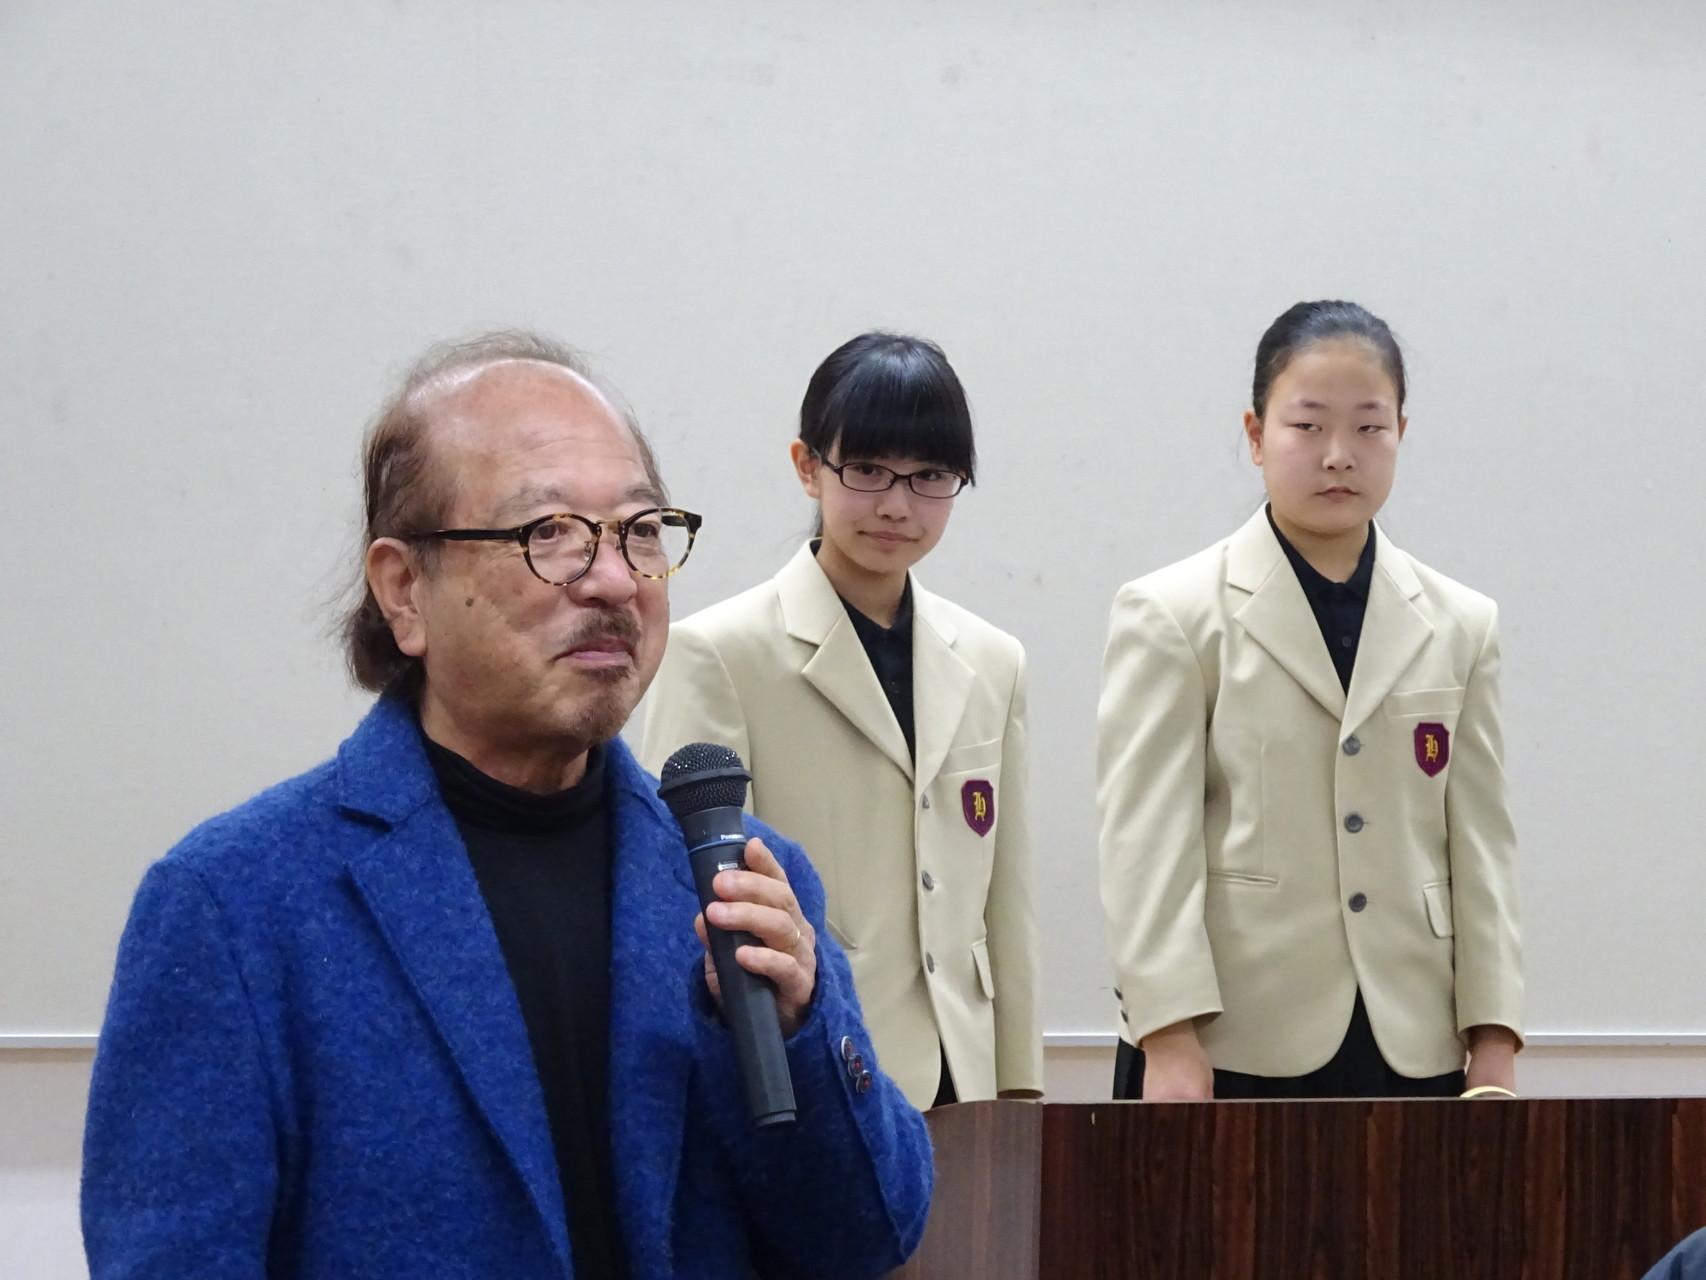 主宰者小島秀夫、彼の思いで始まった活動、そして22年になります。